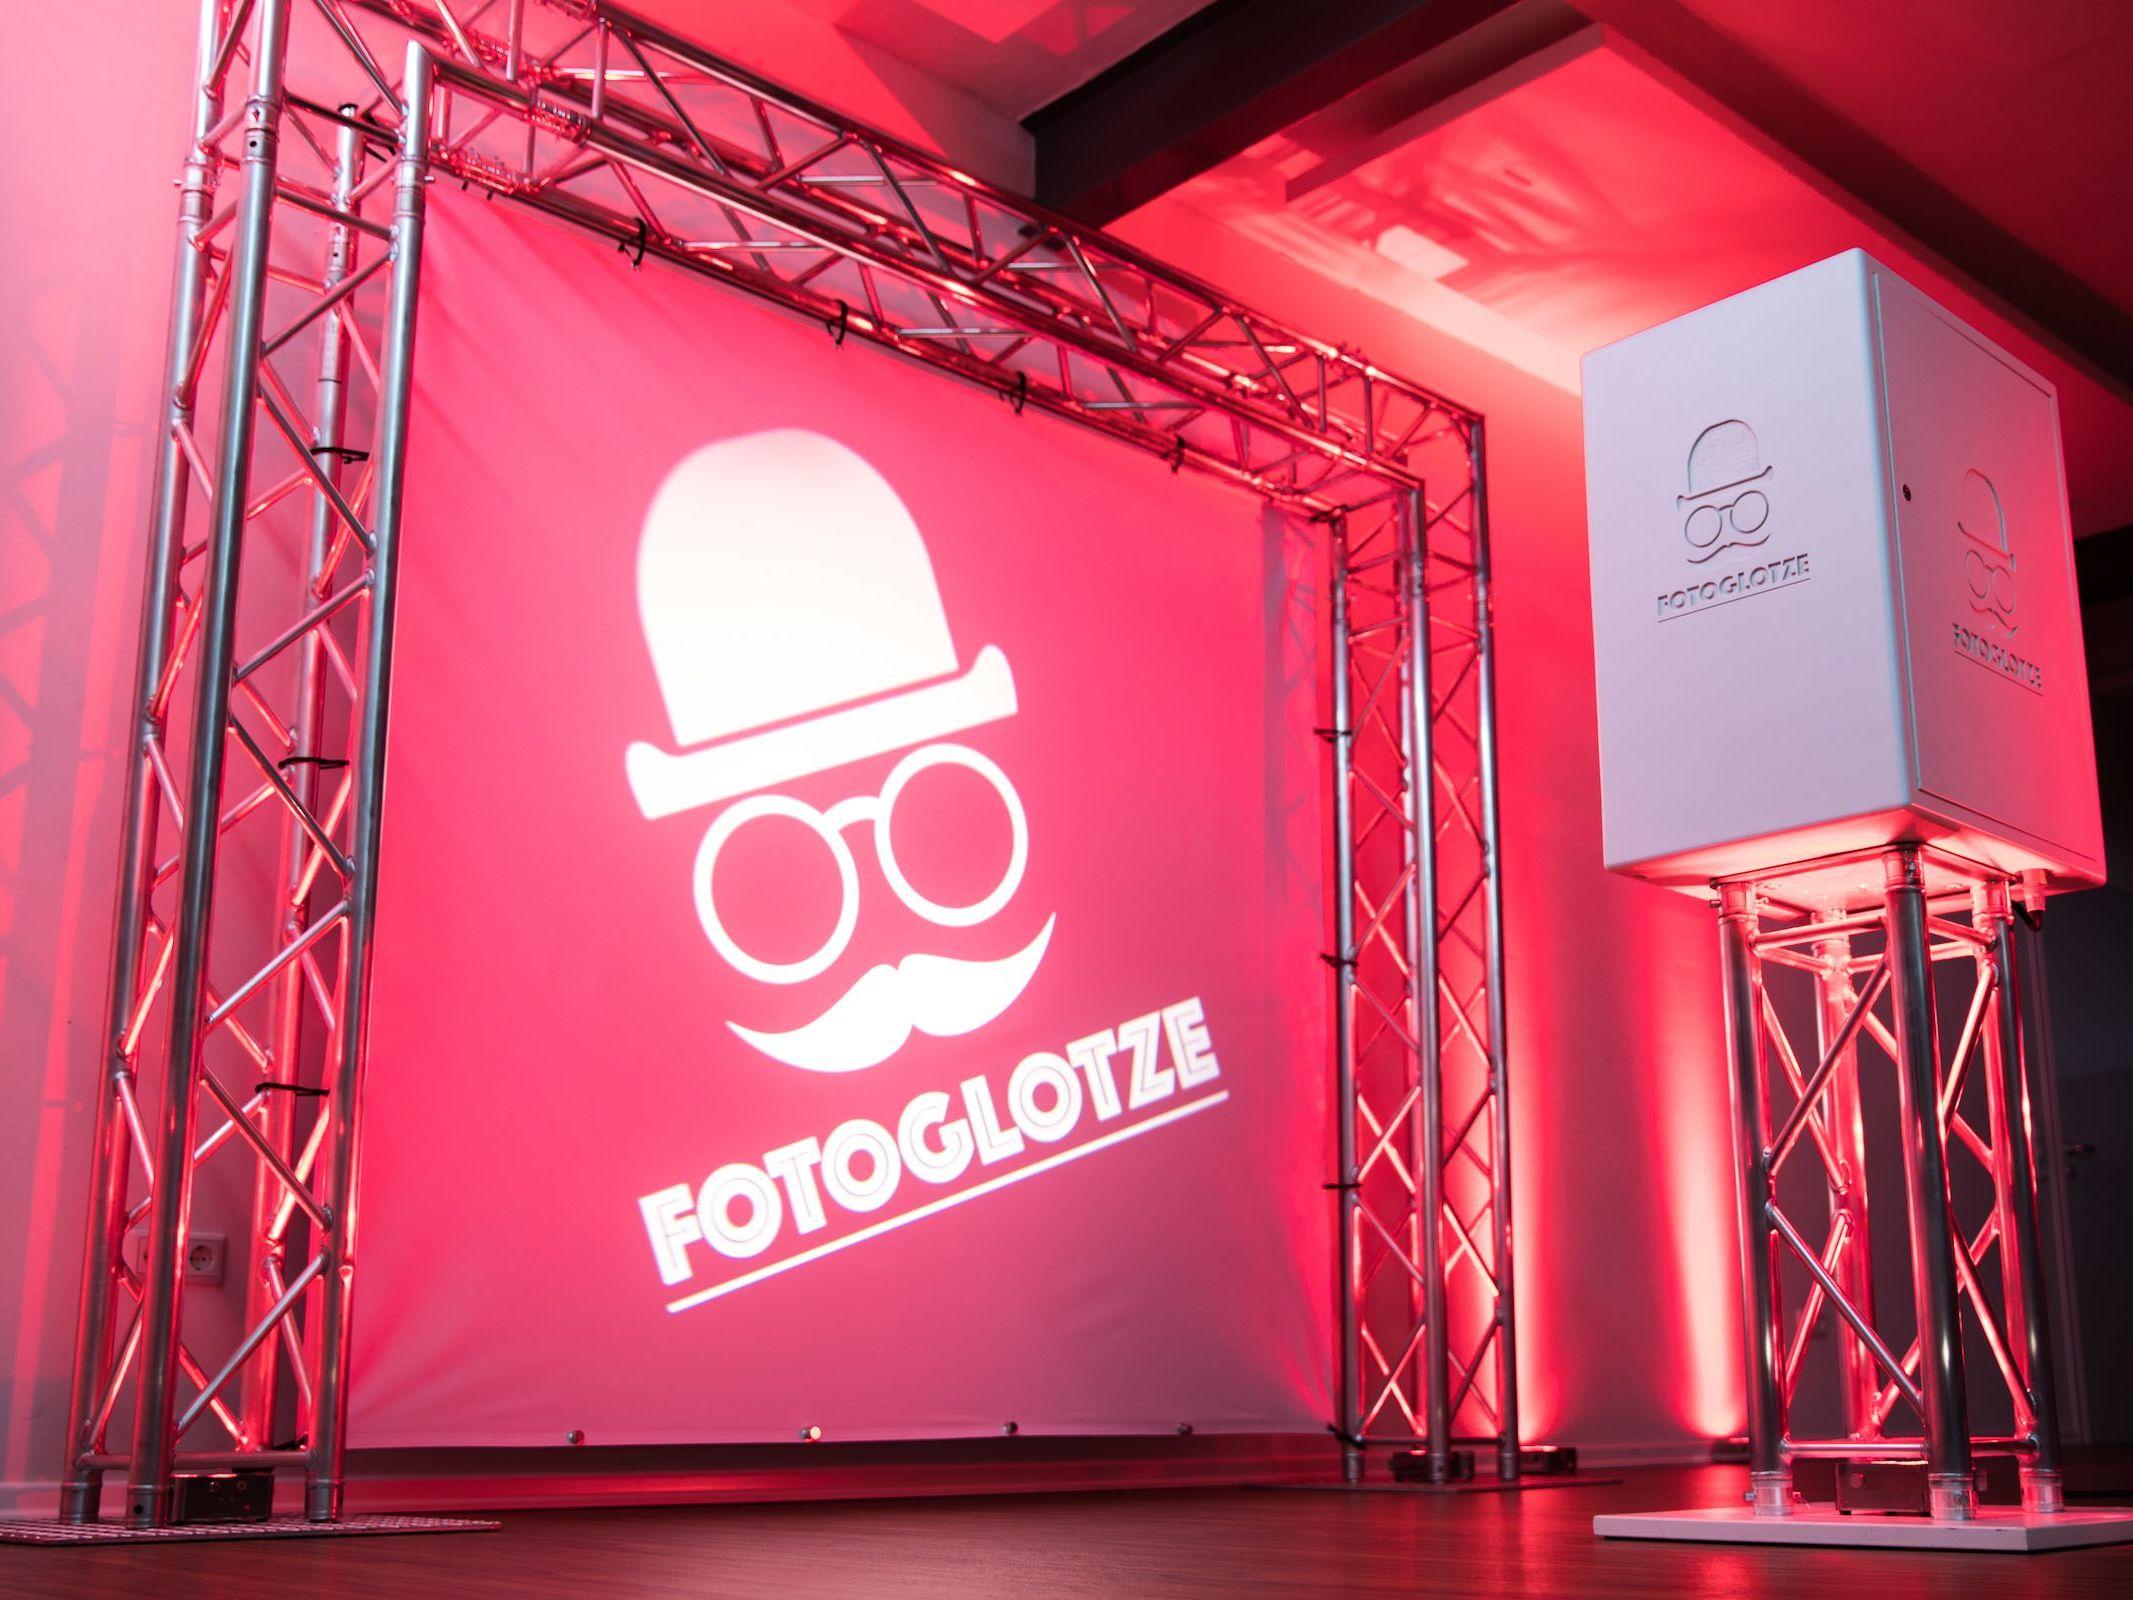 Fotobox | Hannover | Fotokoste | Photobooth | Druck | Hintergrund | Photobooth | Hochzeit | Messe | Event | Verkleidung | Requisiten | Hannover | Buchen | Anfragen | Mieten | Fotoglotze